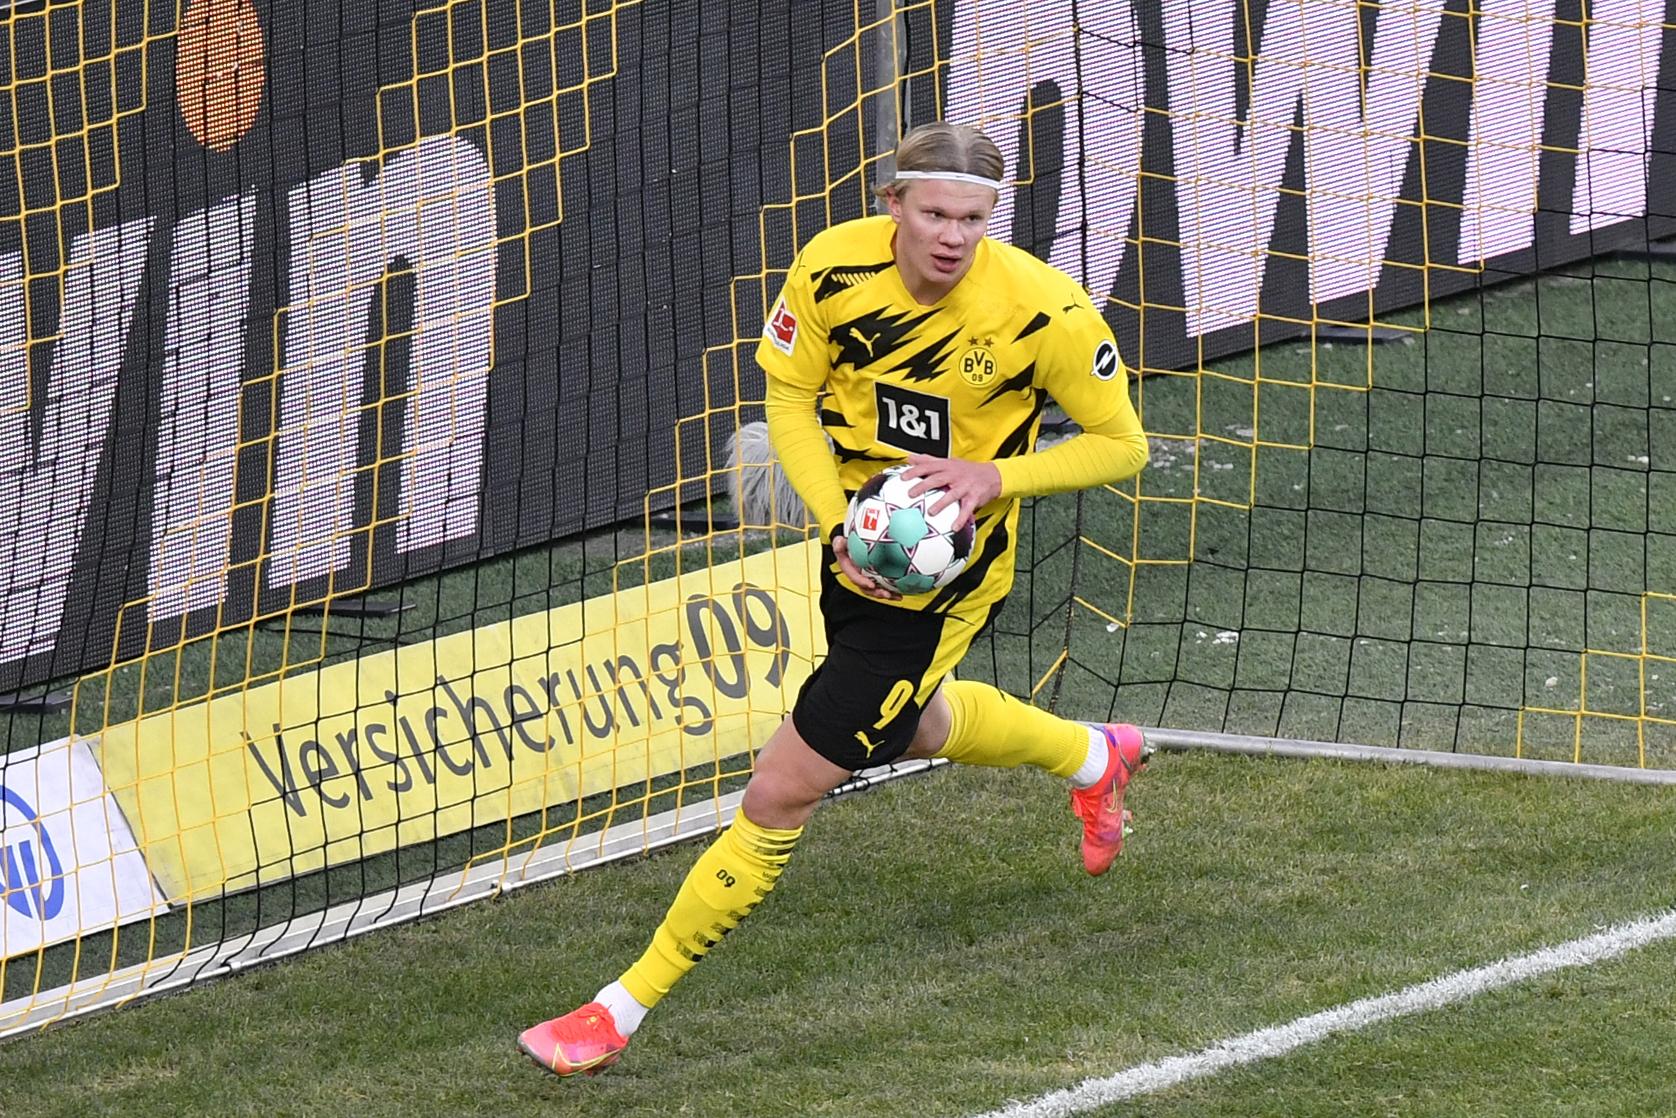 """Haaland của Dortmund cho rằng quả phạt đền thứ 2 chính là """"nghiệp chướng"""" của Sevilla"""